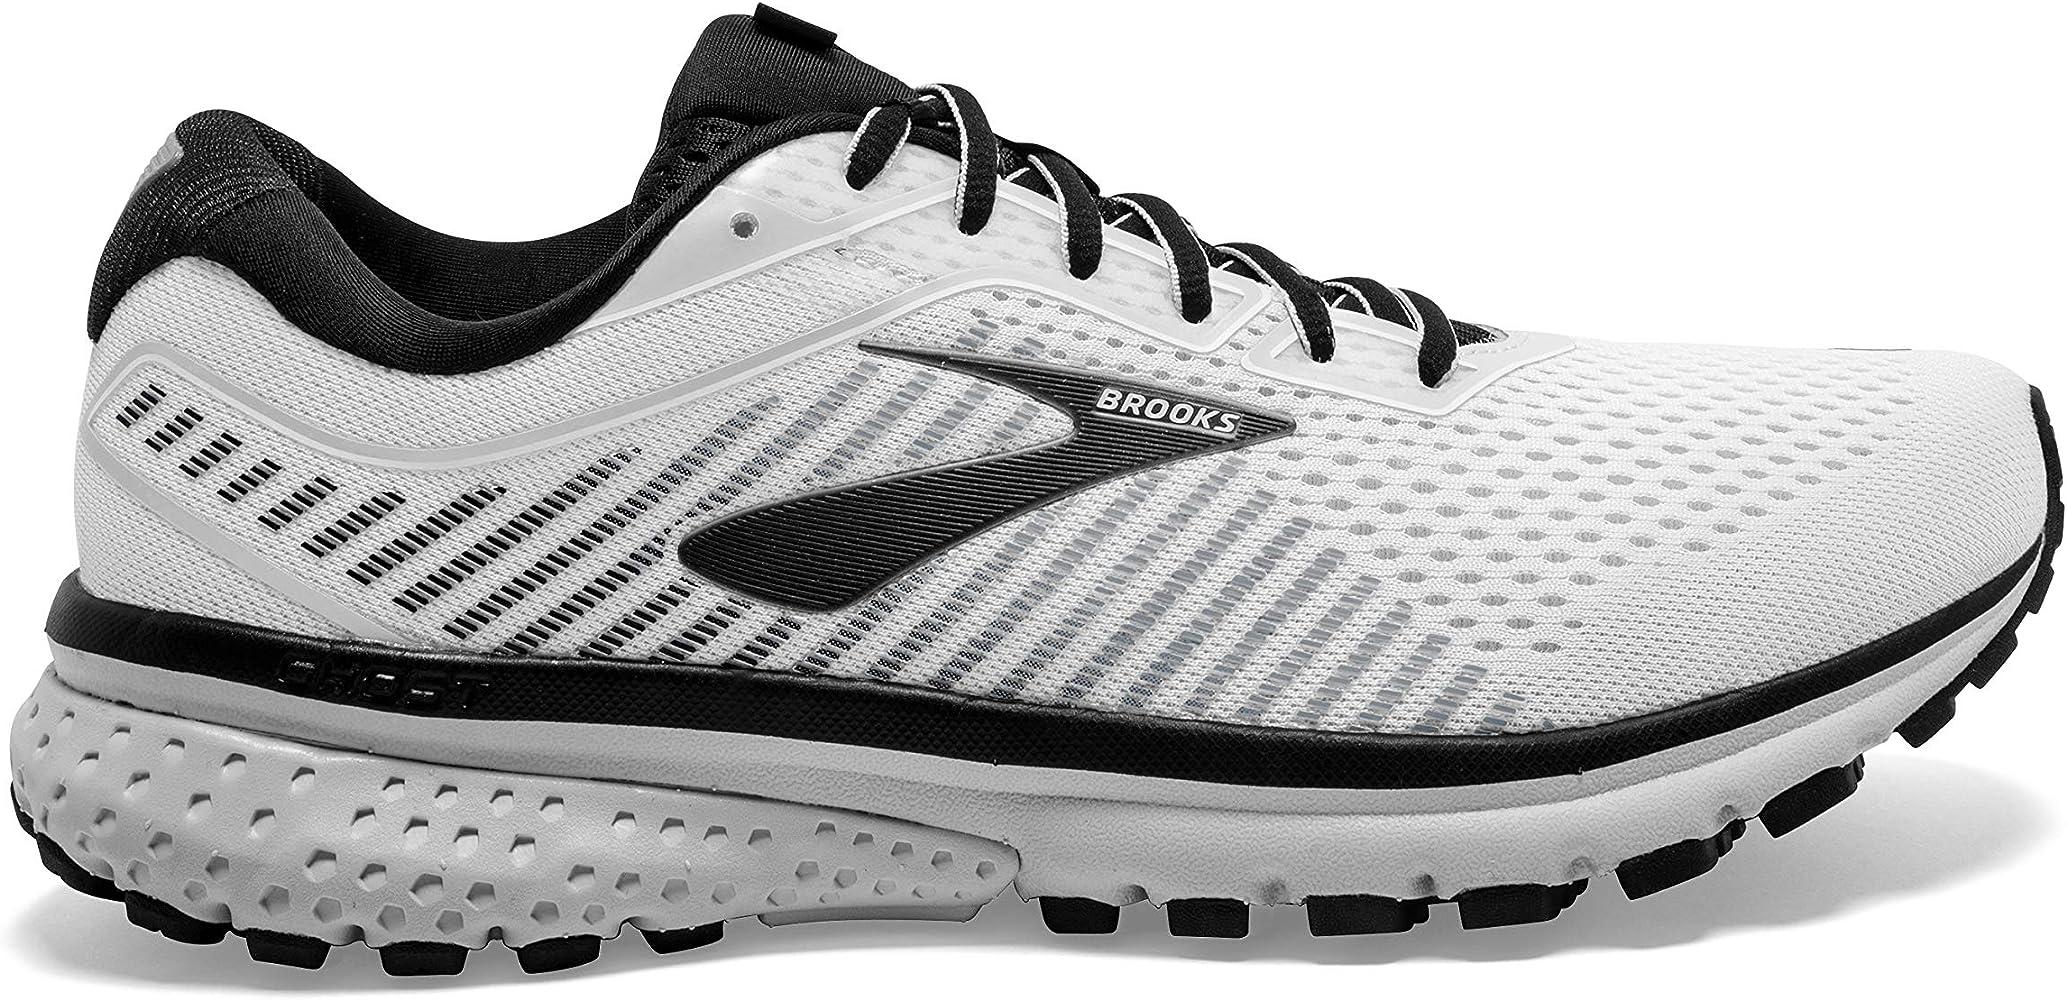 Brooks Ghost 12 - Zapatillas de running para hombre, Blanco (blanco/gris/negro (White/Grey/Black)), 41.5 EU: Amazon.es: Deportes y aire libre